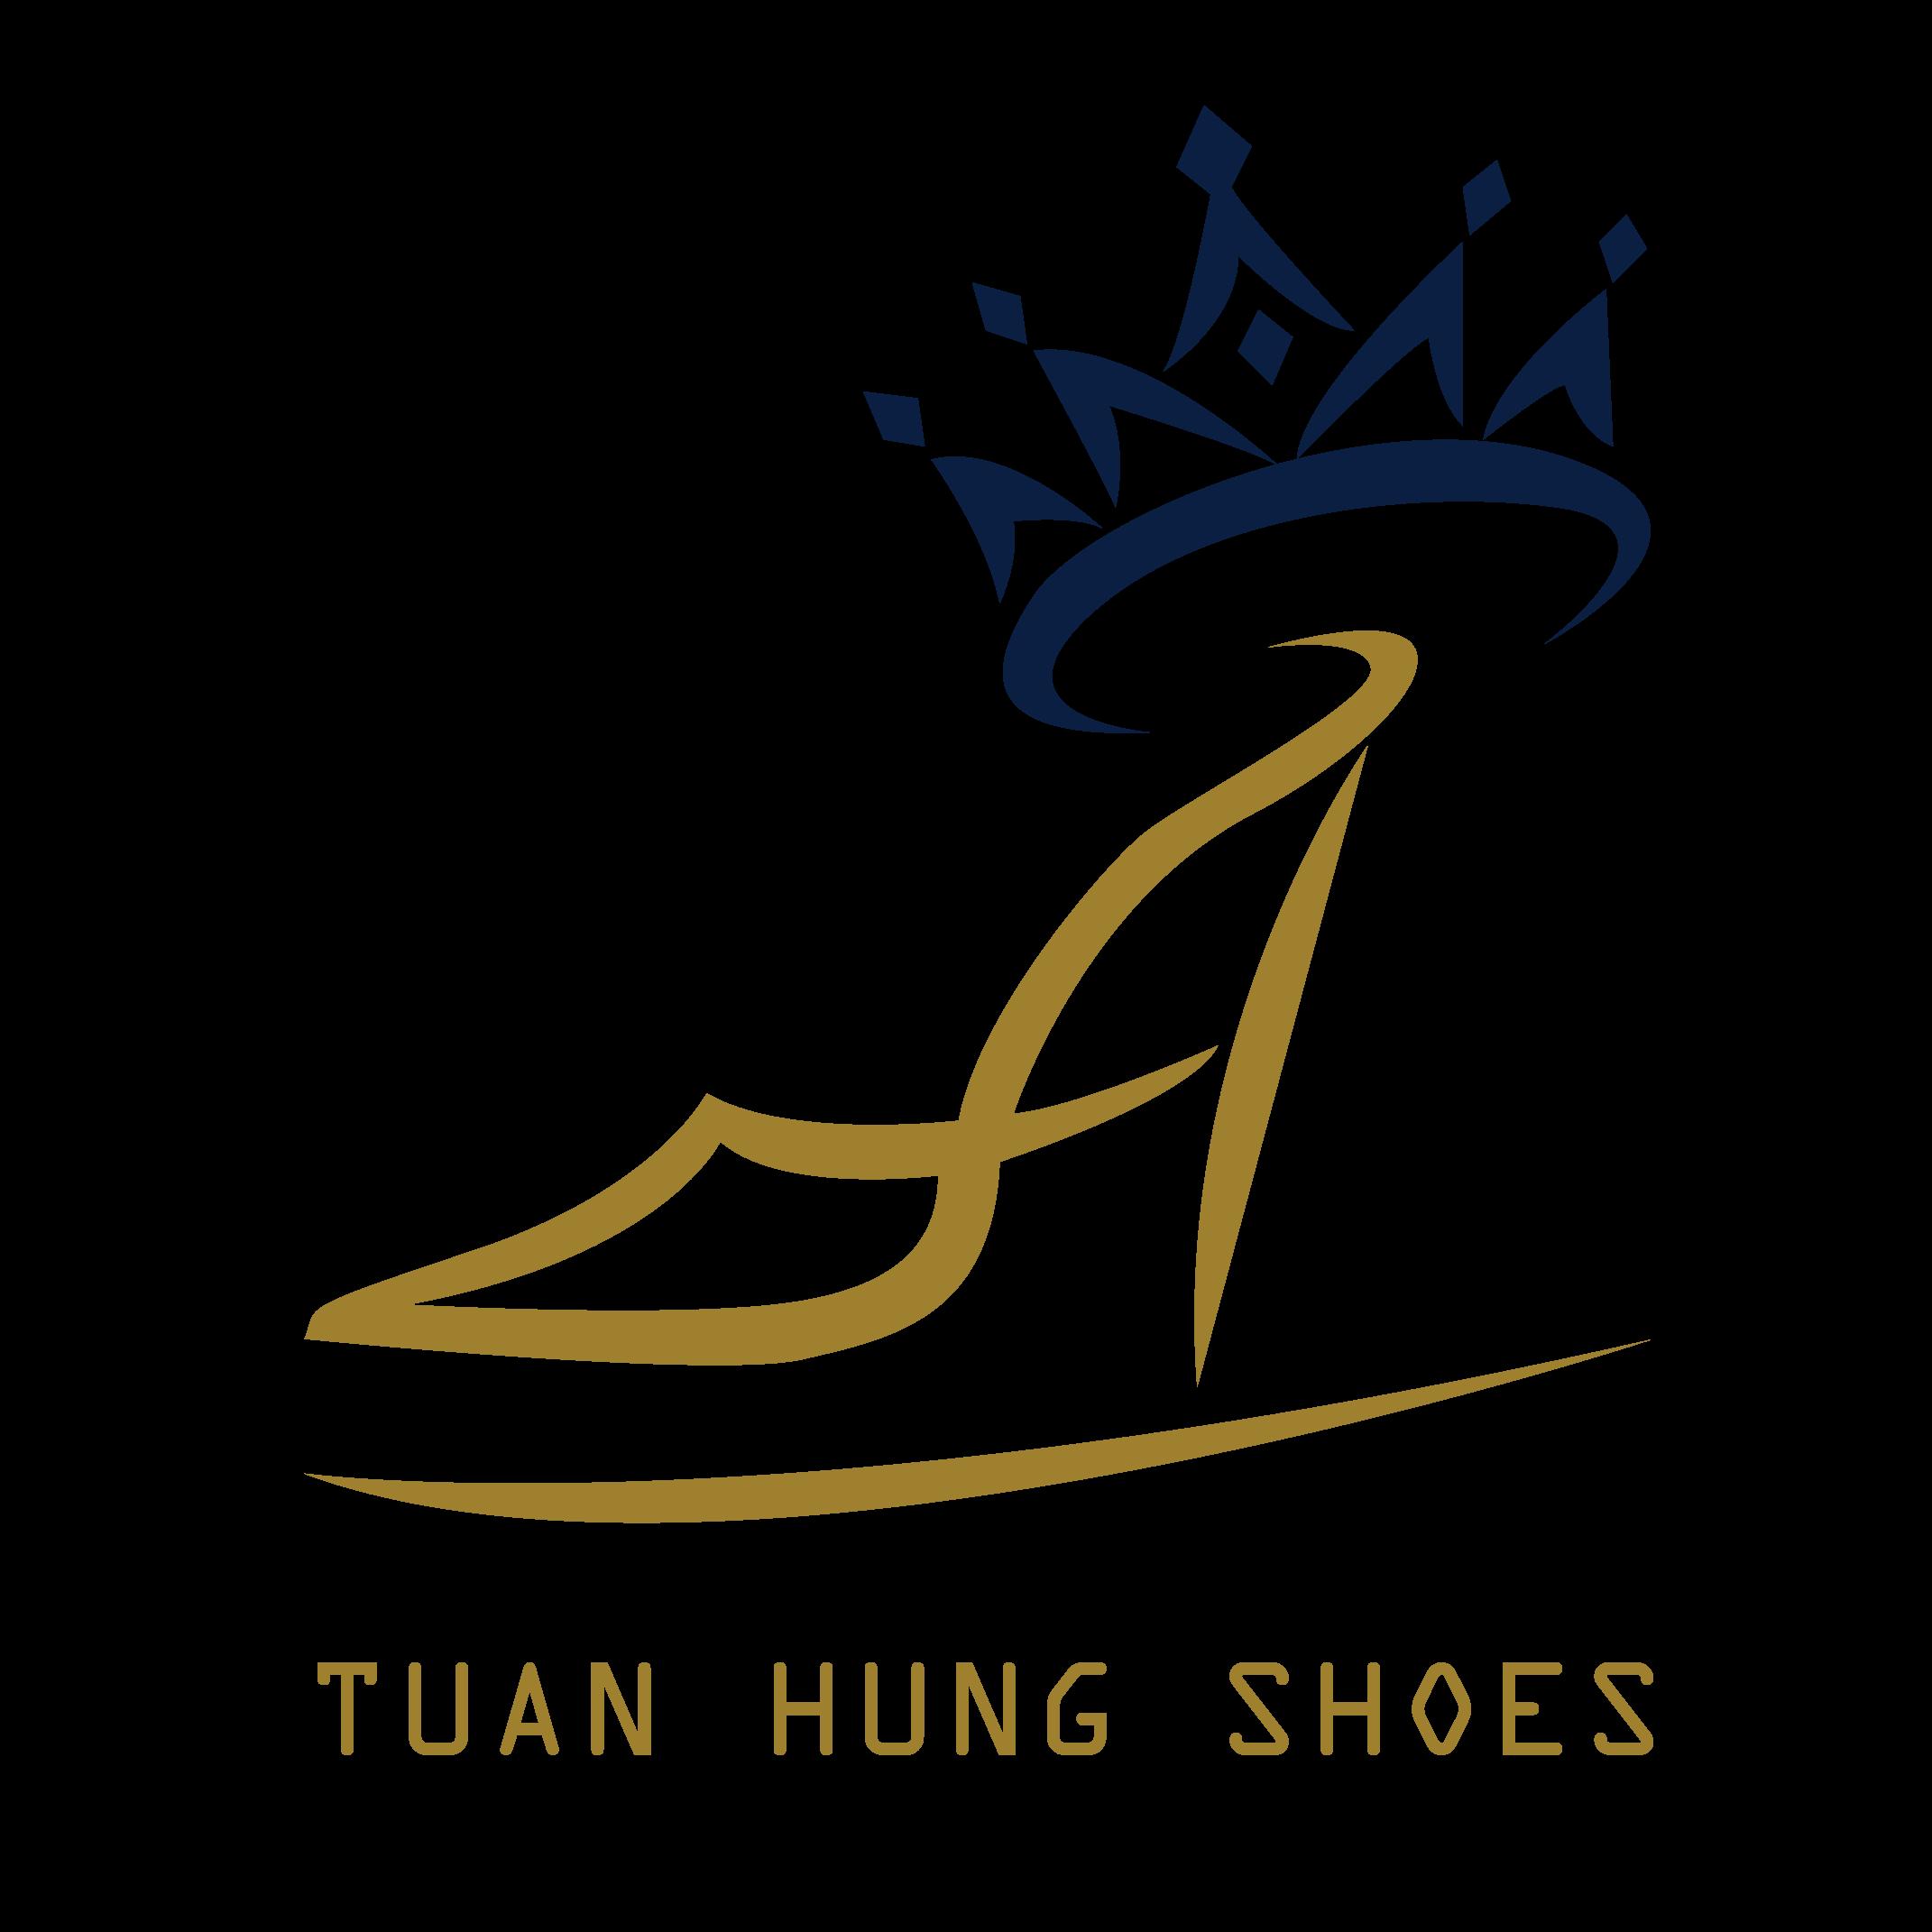 Tuấn Hùng Shoes